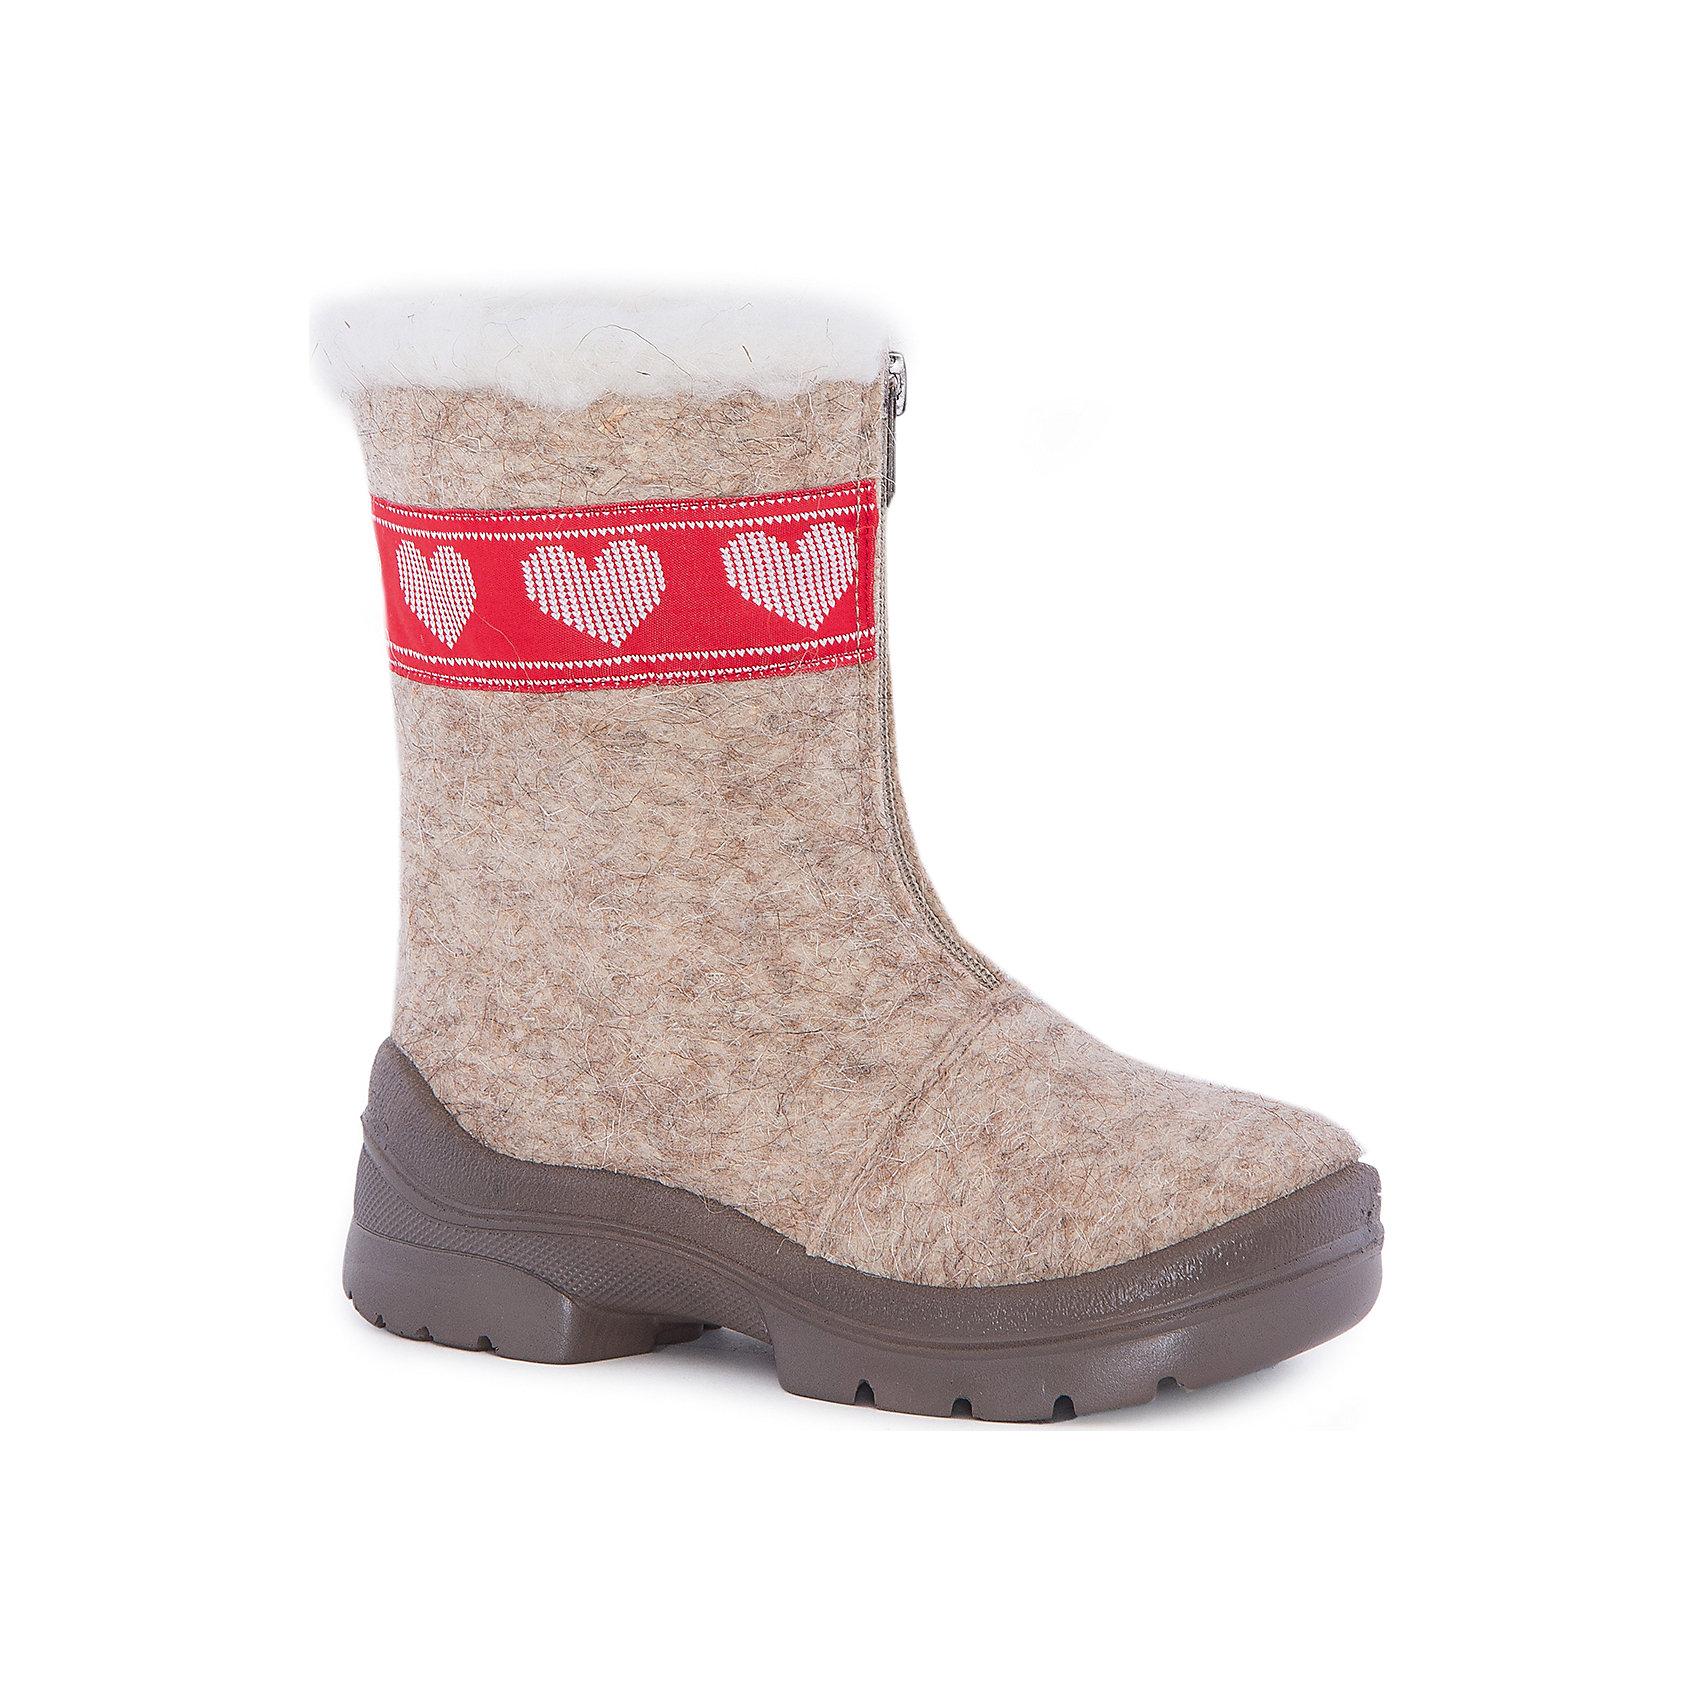 Валенки Любовь для девочки ФилипокВаленки<br>Характеристики товара:<br><br>• цвет: бежевый<br>• температурный режим: от -5° С до -30° С<br>• внешний материал: эко-войлок (натуральная шерсть)<br>• подкладка: натуральная овечья шерсть<br>• стелька: шерстяной войлок (3,5 мм)<br>• подошва: литая, полиуретан<br>• декорированы тесьмой и опушкой<br>• подошва с анти скользящей с системой протектора anti slip<br>• застежка: молния<br>• защита носка - натуральная кожа с износостойкой пропиткой<br>• усиленная пятка<br>• толстая устойчивая подошва<br>• страна бренда: РФ<br>• страна изготовитель: РФ<br><br>Очень теплые и удобные валенки для ребенка от известного бренда детской обуви Филипок созданы специально для русской зимы. Качественные материалы с пропиткой против попадания воды внутрь и модный дизайн понравятся и малышам и их родителям. Подошва и стелька обеспечат ребенку комфорт, сухость и тепло, позволяя в полной мере наслаждаться зимним отдыхом. Усиленная защита пятки и носка обеспечивает дополнительную безопасность детских ног в этих сапожках.<br>Эта красивая и удобная обувь прослужит долго благодаря отличному качеству. Производитель анти скользящее покрытие и амортизирующие свойства подошвы! Модель производится из качественных и проверенных материалов, которые безопасны для детей.<br><br>Валенки для девочки от бренда Филипок можно купить в нашем интернет-магазине.<br><br>Ширина мм: 257<br>Глубина мм: 180<br>Высота мм: 130<br>Вес г: 420<br>Цвет: бежевый<br>Возраст от месяцев: 21<br>Возраст до месяцев: 24<br>Пол: Женский<br>Возраст: Детский<br>Размер: 24,32,29,23,22,27,26,25,30,28,31<br>SKU: 4207448